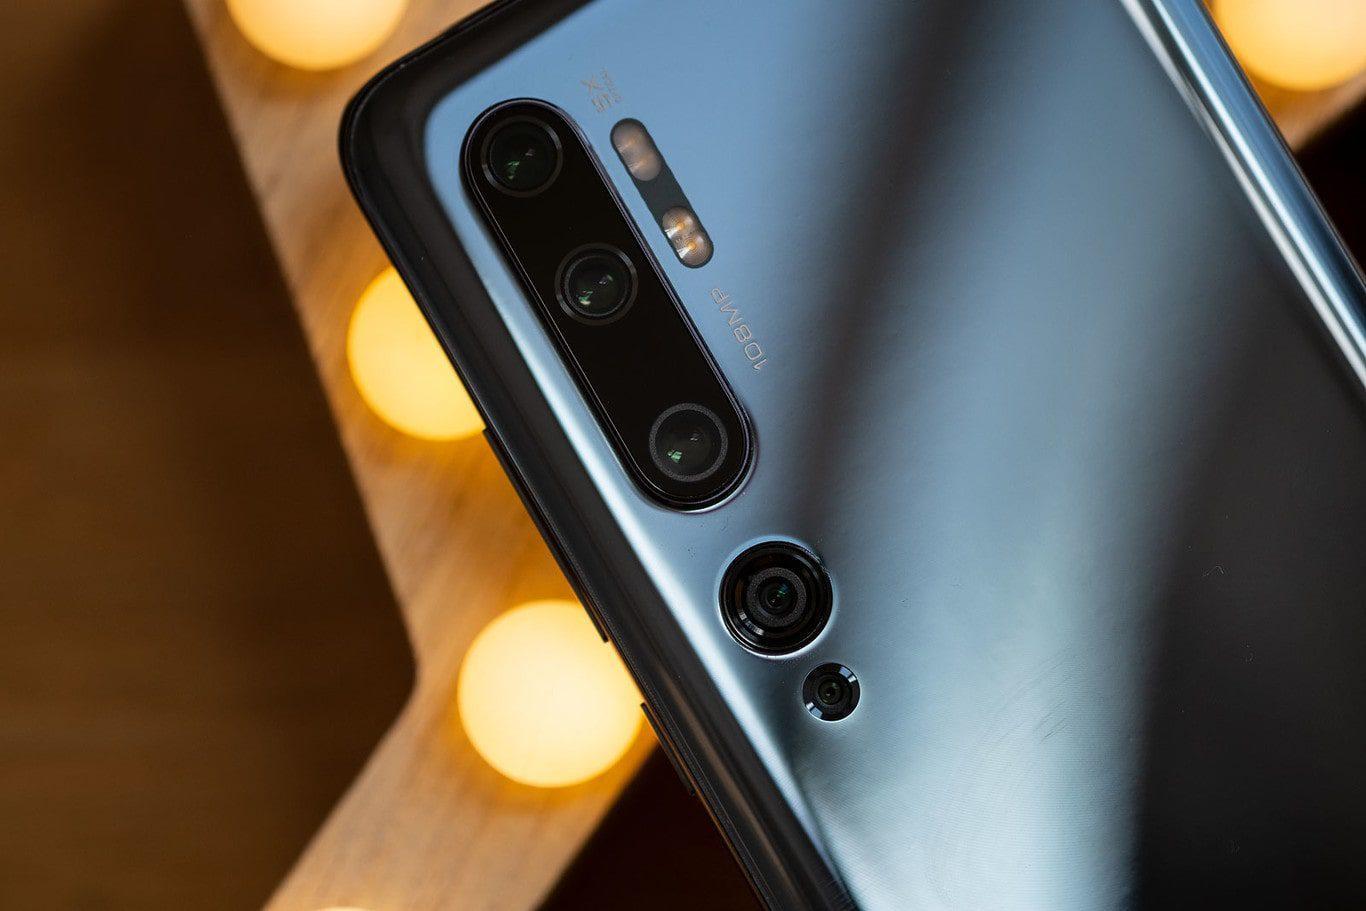 los móviles con la mejor cámara en 2021